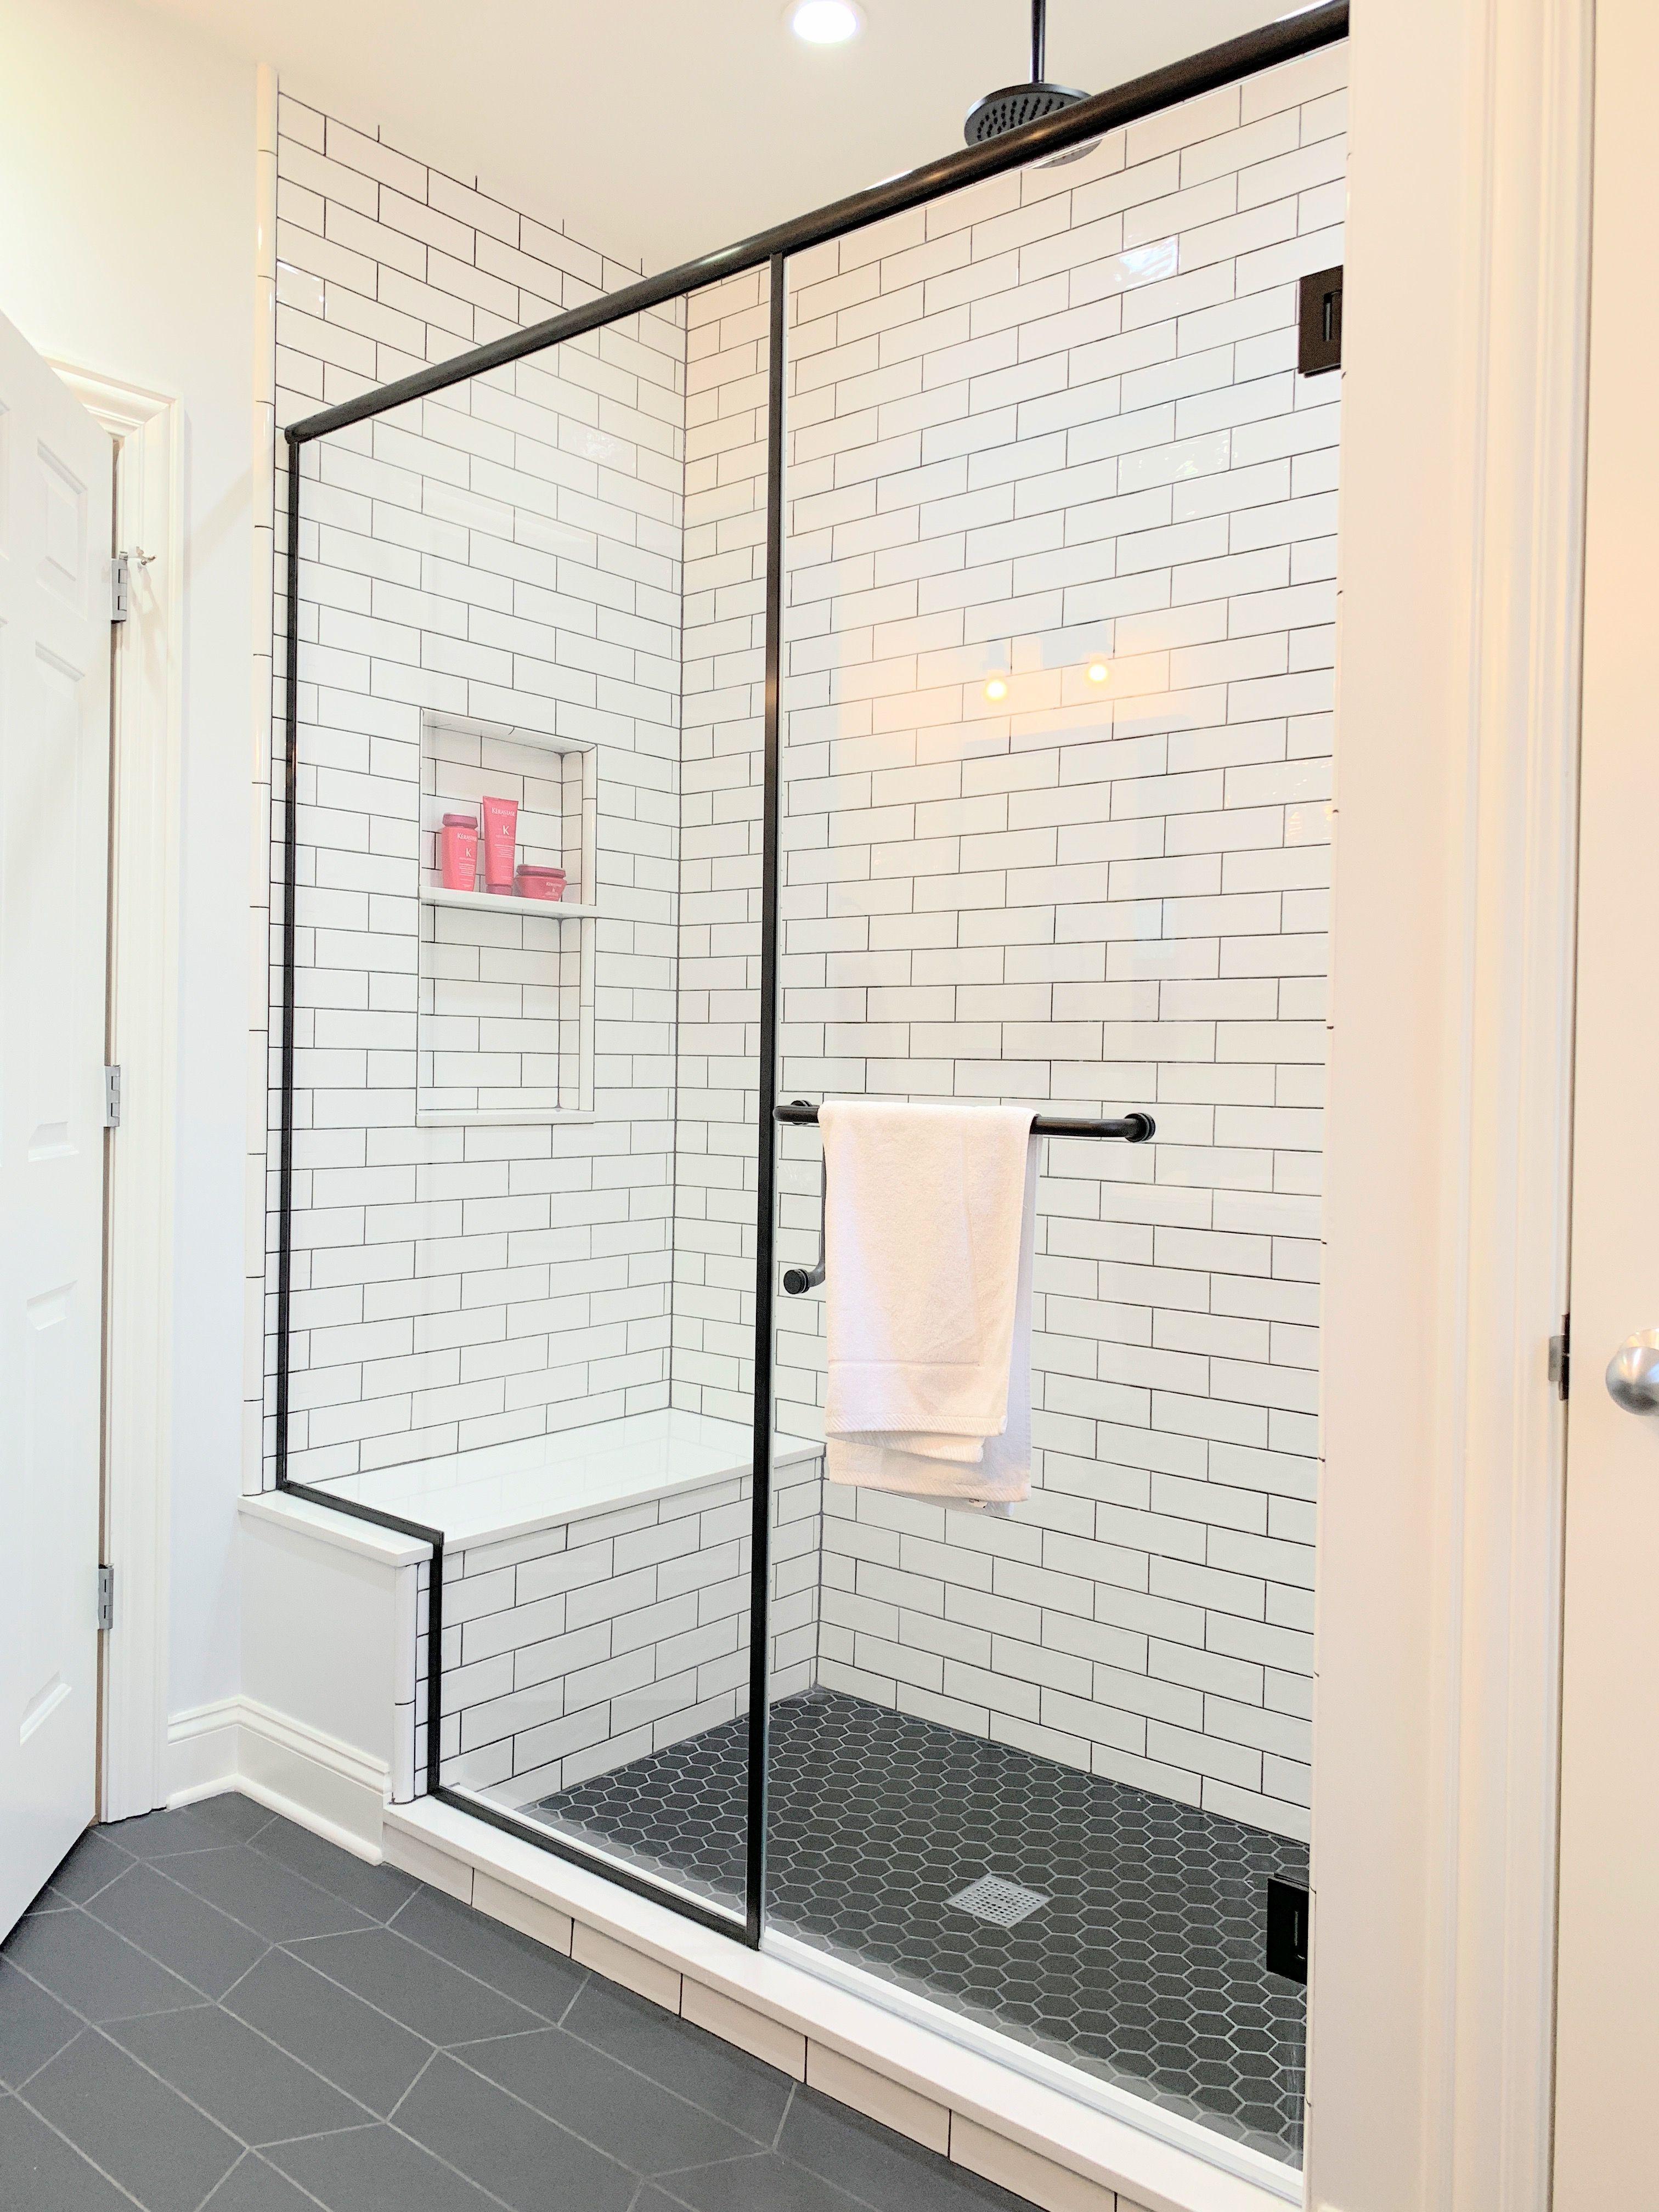 Elegant Semi Frameless Shower Slider With Rain Glass And